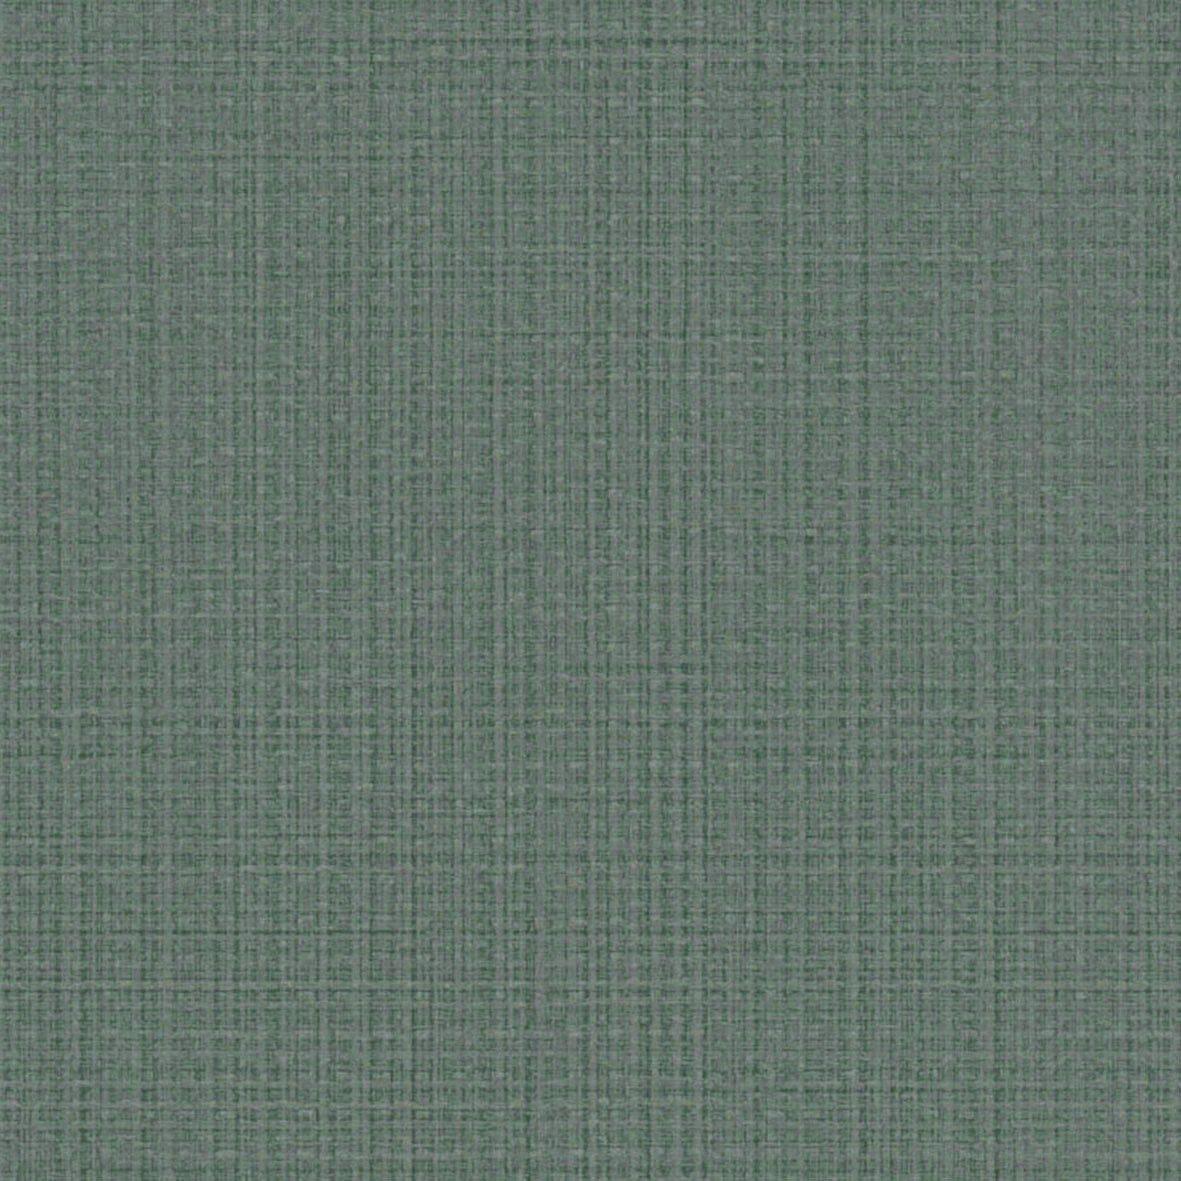 リリカラ 壁紙42m ナチュラル 織物調 グレー LL-8765 B01N8TFZSU 42m|グレー2